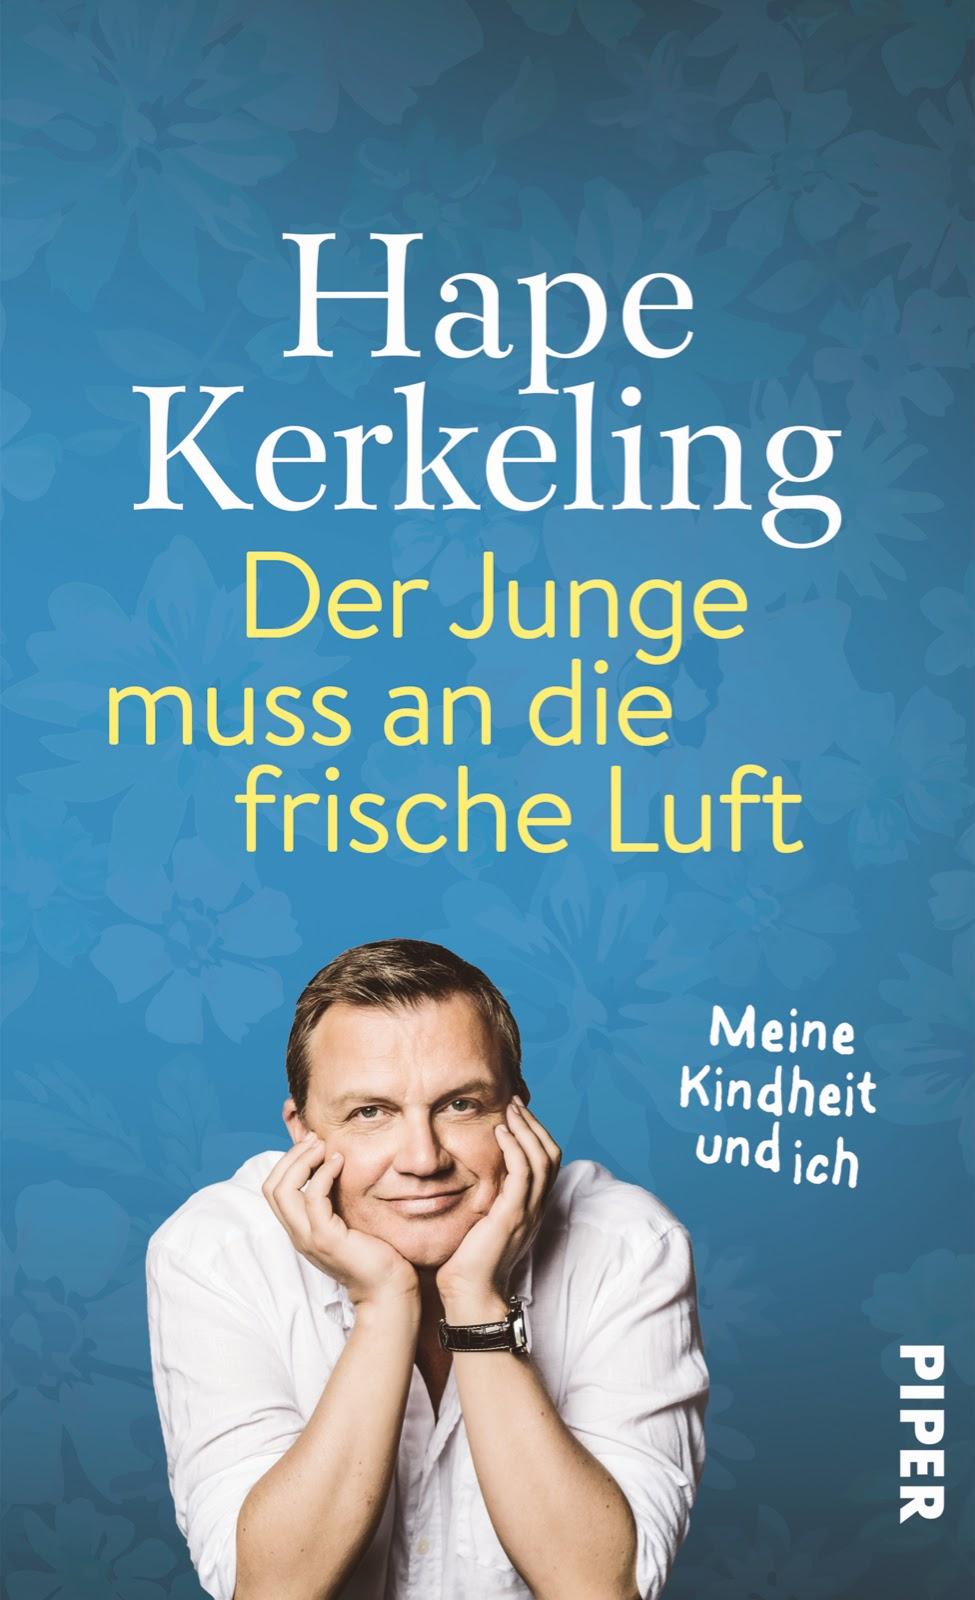 http://www.piper.de/buecher/der-junge-muss-an-die-frische-luft-isbn-978-3-492-05700-4